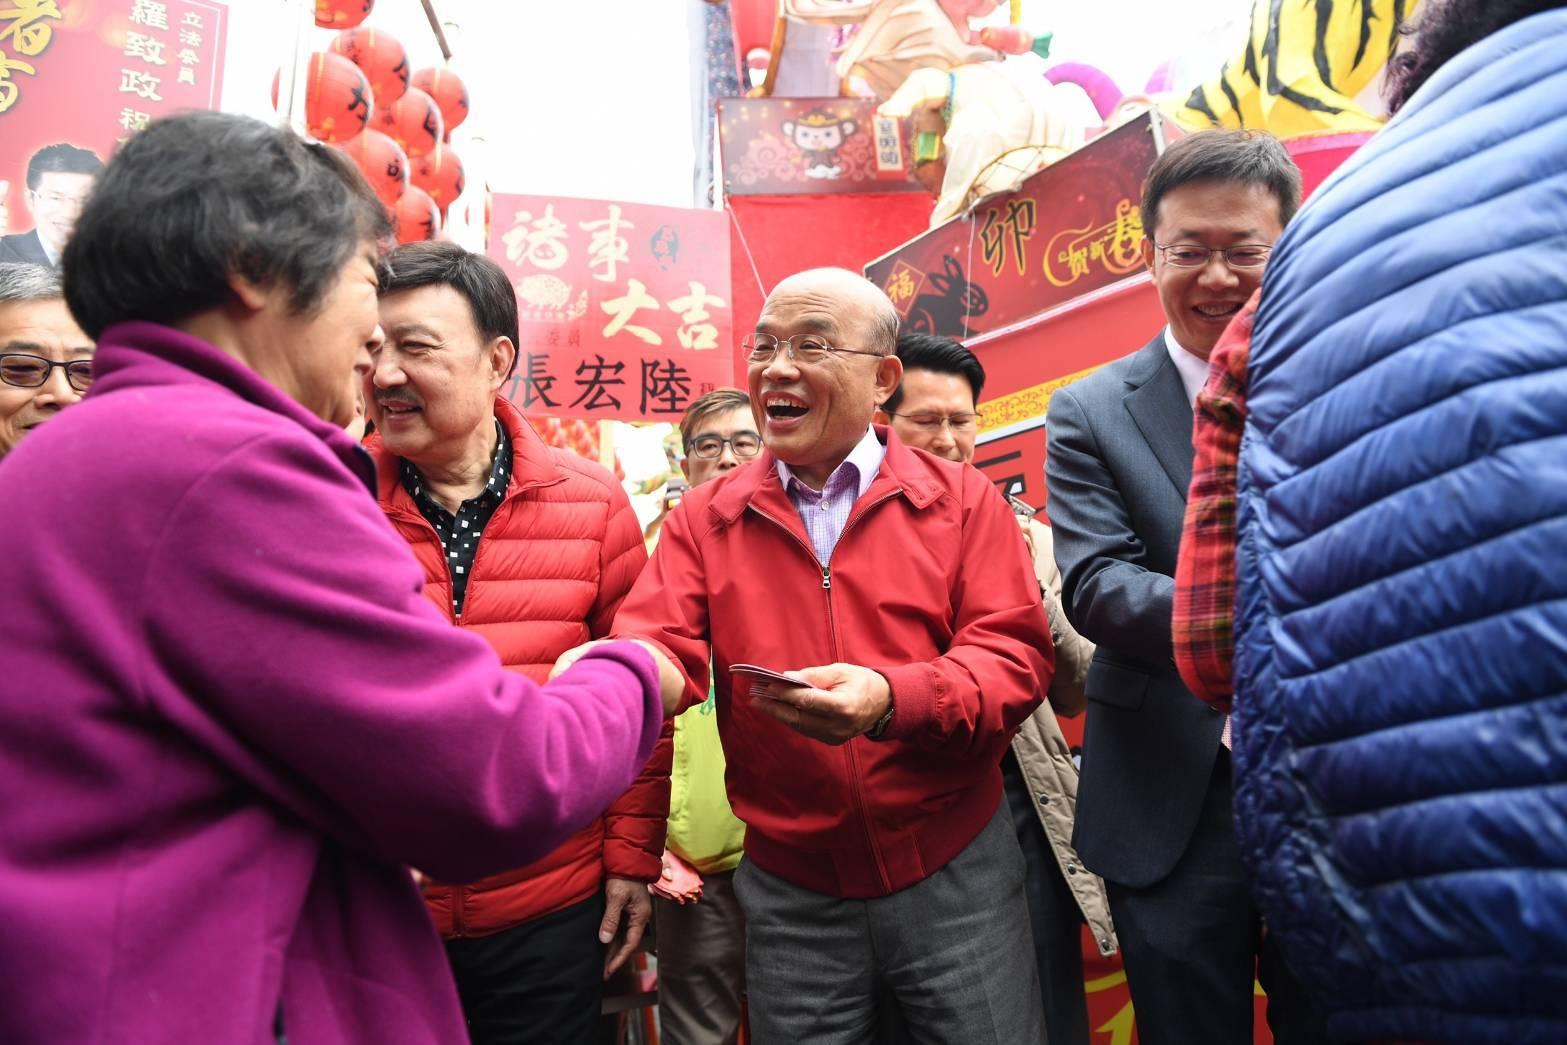 行政院長蘇貞昌表示,中央與地方要合作,一起進行耐震、防震的各方面工作,同時加速都市更新,讓民眾住的更安心。(資料照/行政院.2019.2.5)